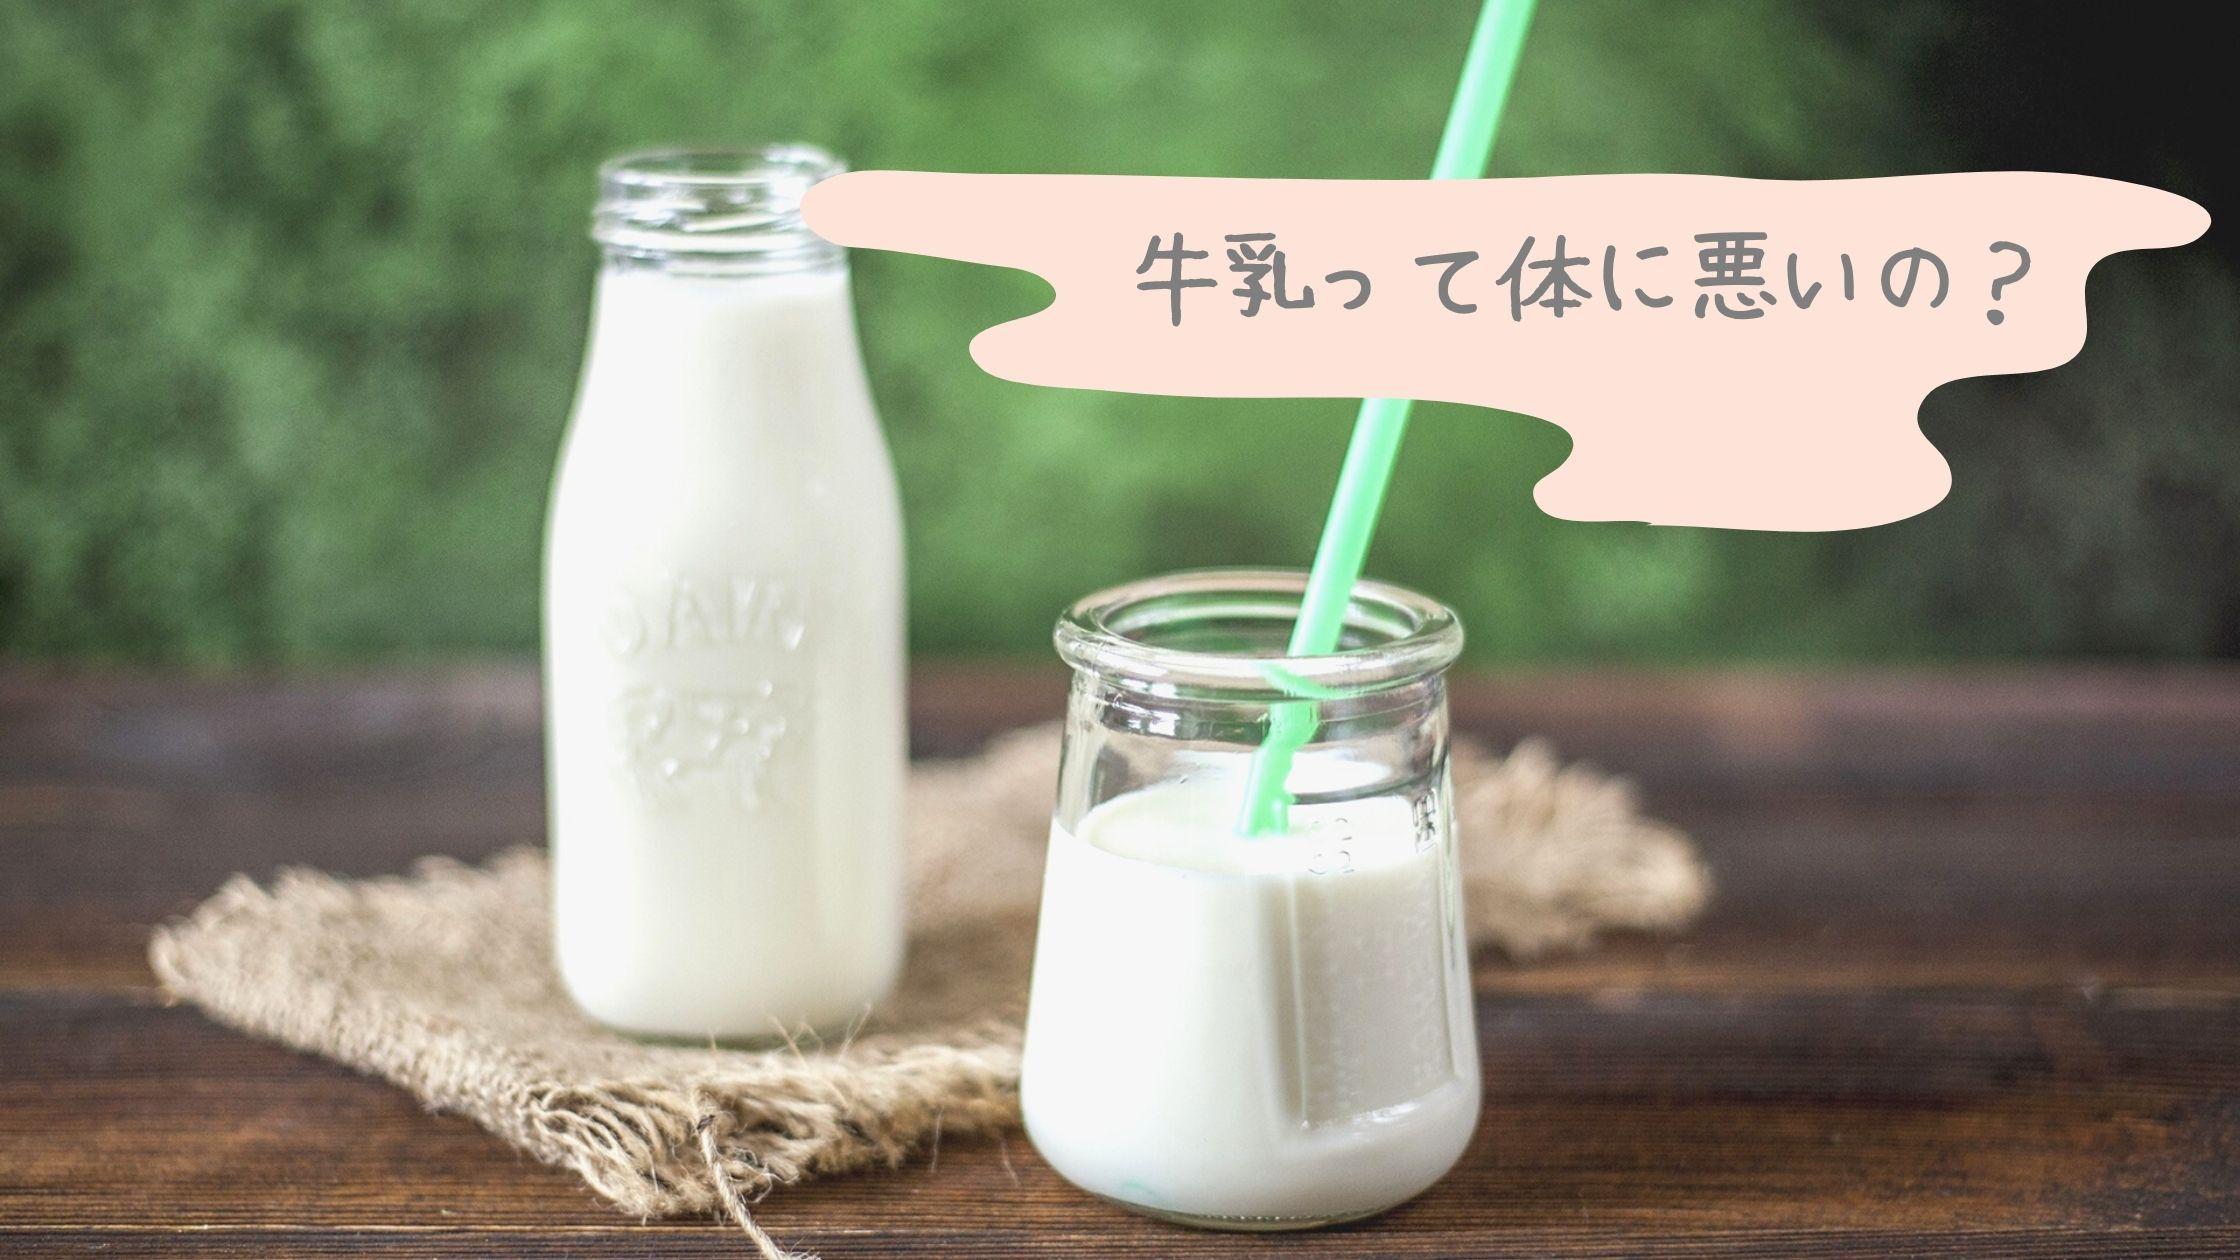 牛乳 乳製品 不健康 体に悪い 膿